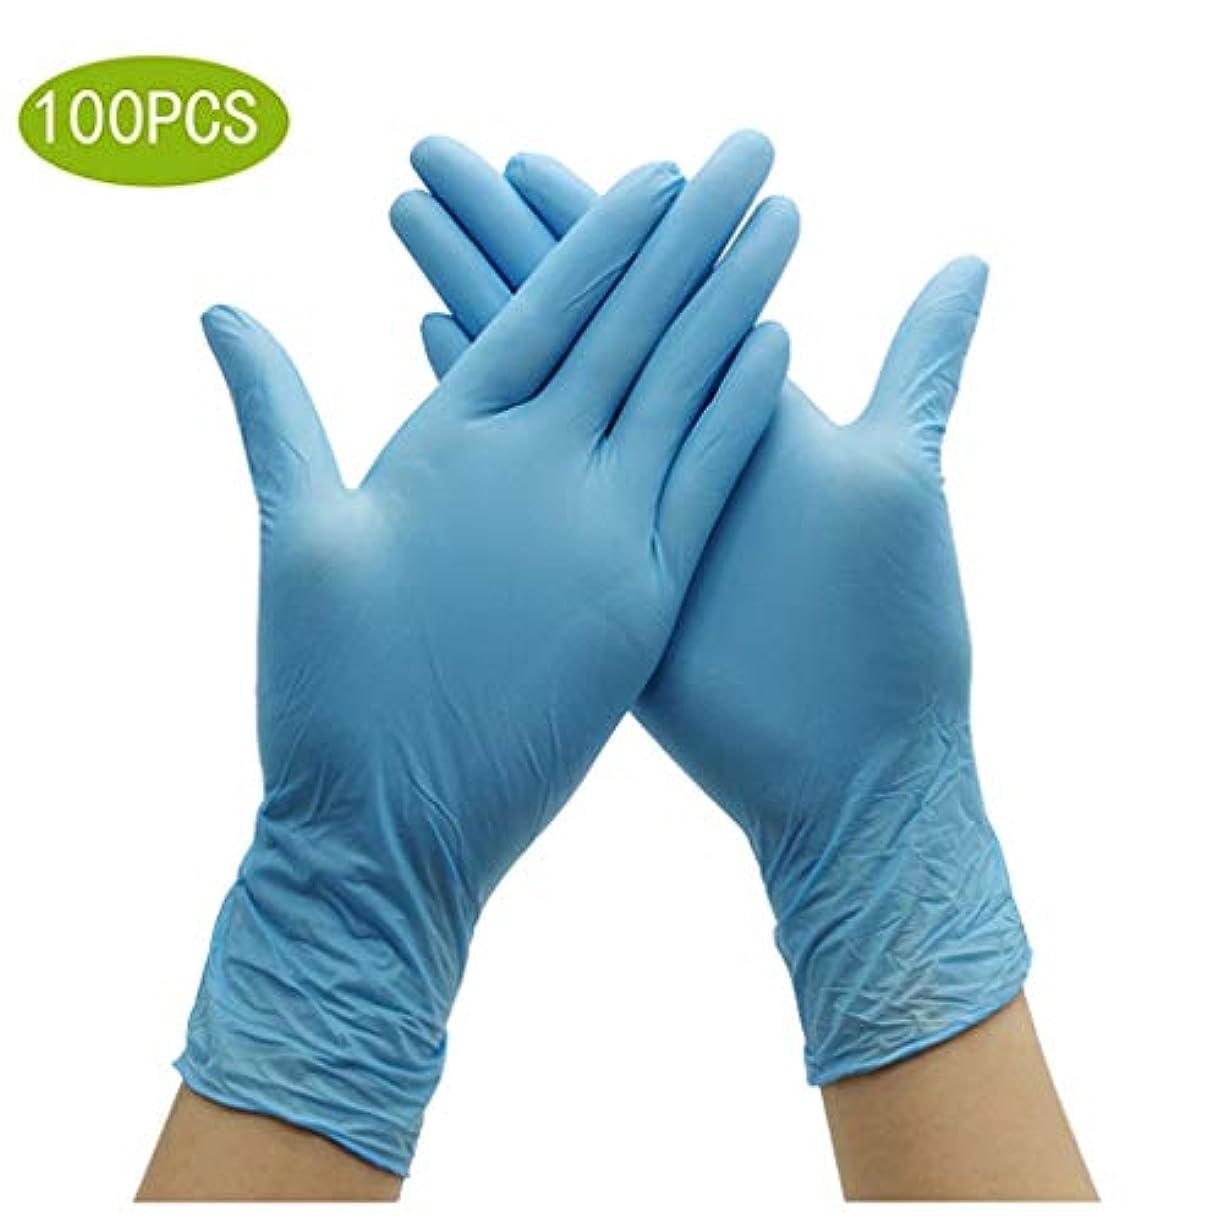 範囲算術毎週ニトリル医療グレード試験用手袋、使い捨て、ラテックスフリー、100カウント、サイズ大